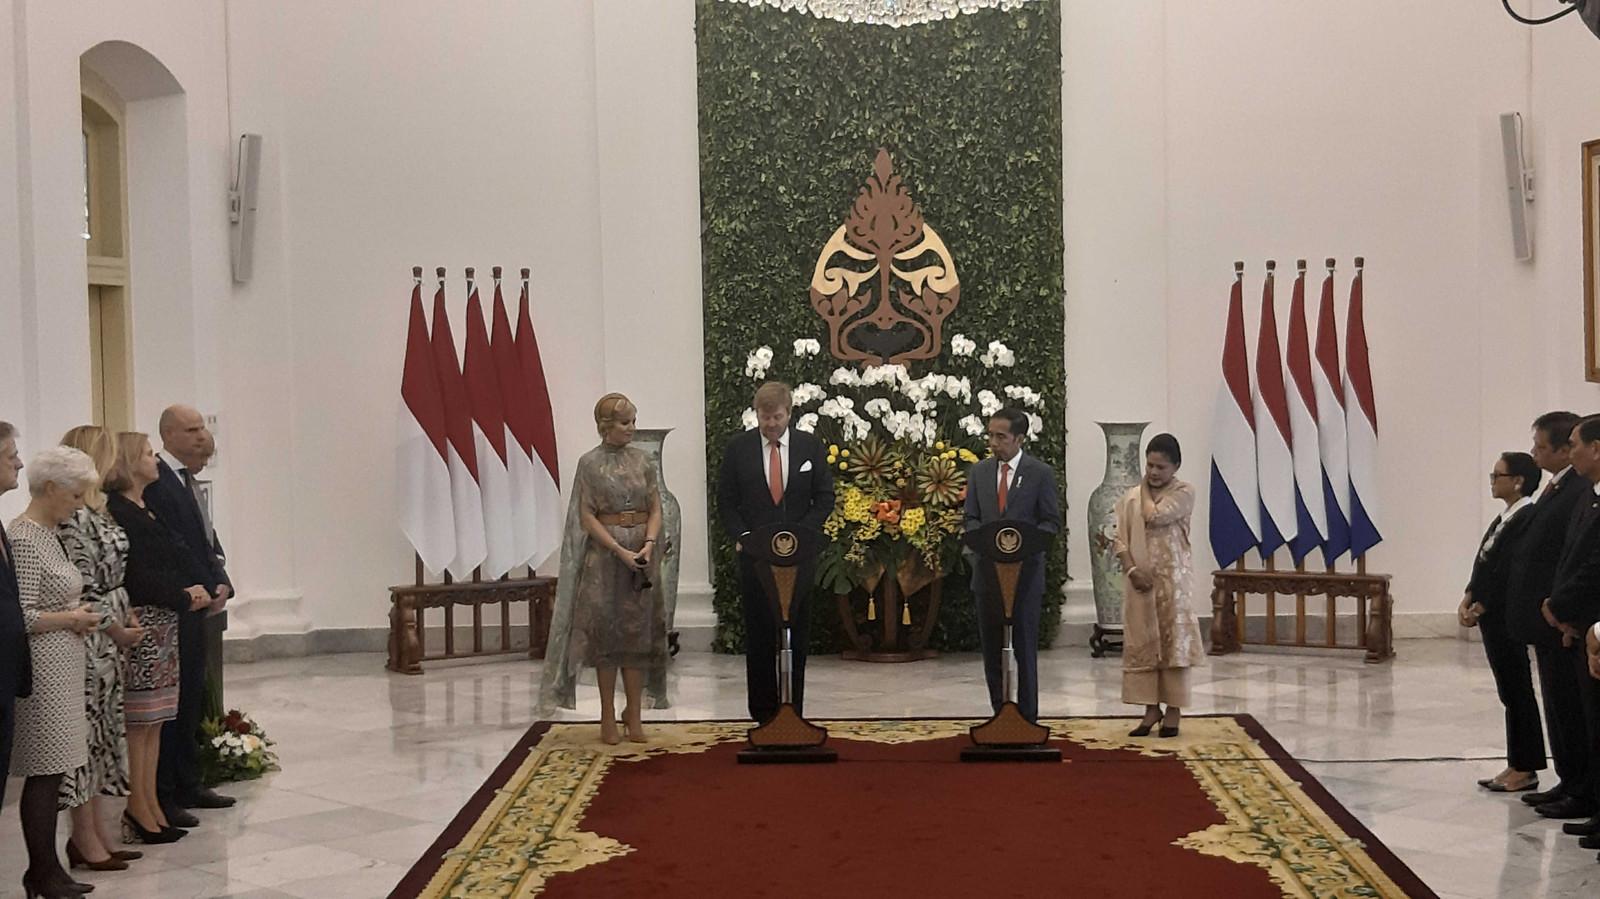 Koning Willem-Alexander en koningin Máxima in het  in het presidentieel paleis in Bogor. Rechts Joko Widodo, de president van Indonesië en zijn vrouw Iriana Joko Widodo.